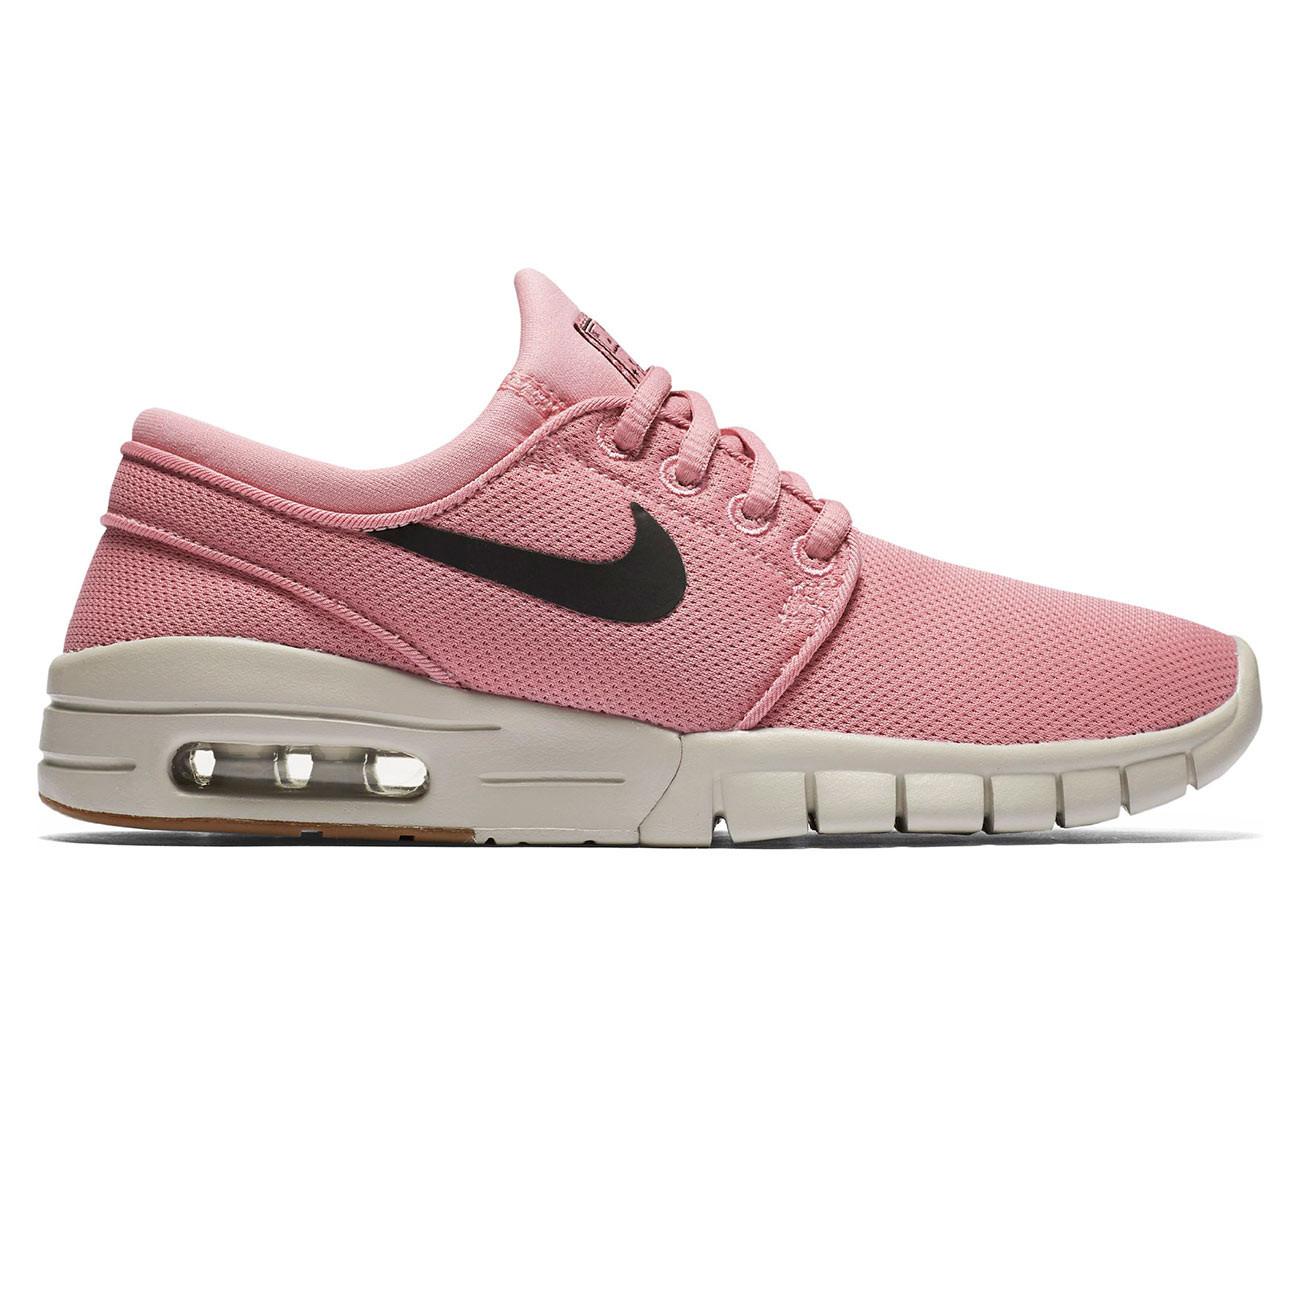 c7bc5133baa5 Sneakers Nike SB Stefan Janoski Max (Gs) elmntl pink black-gum med brown